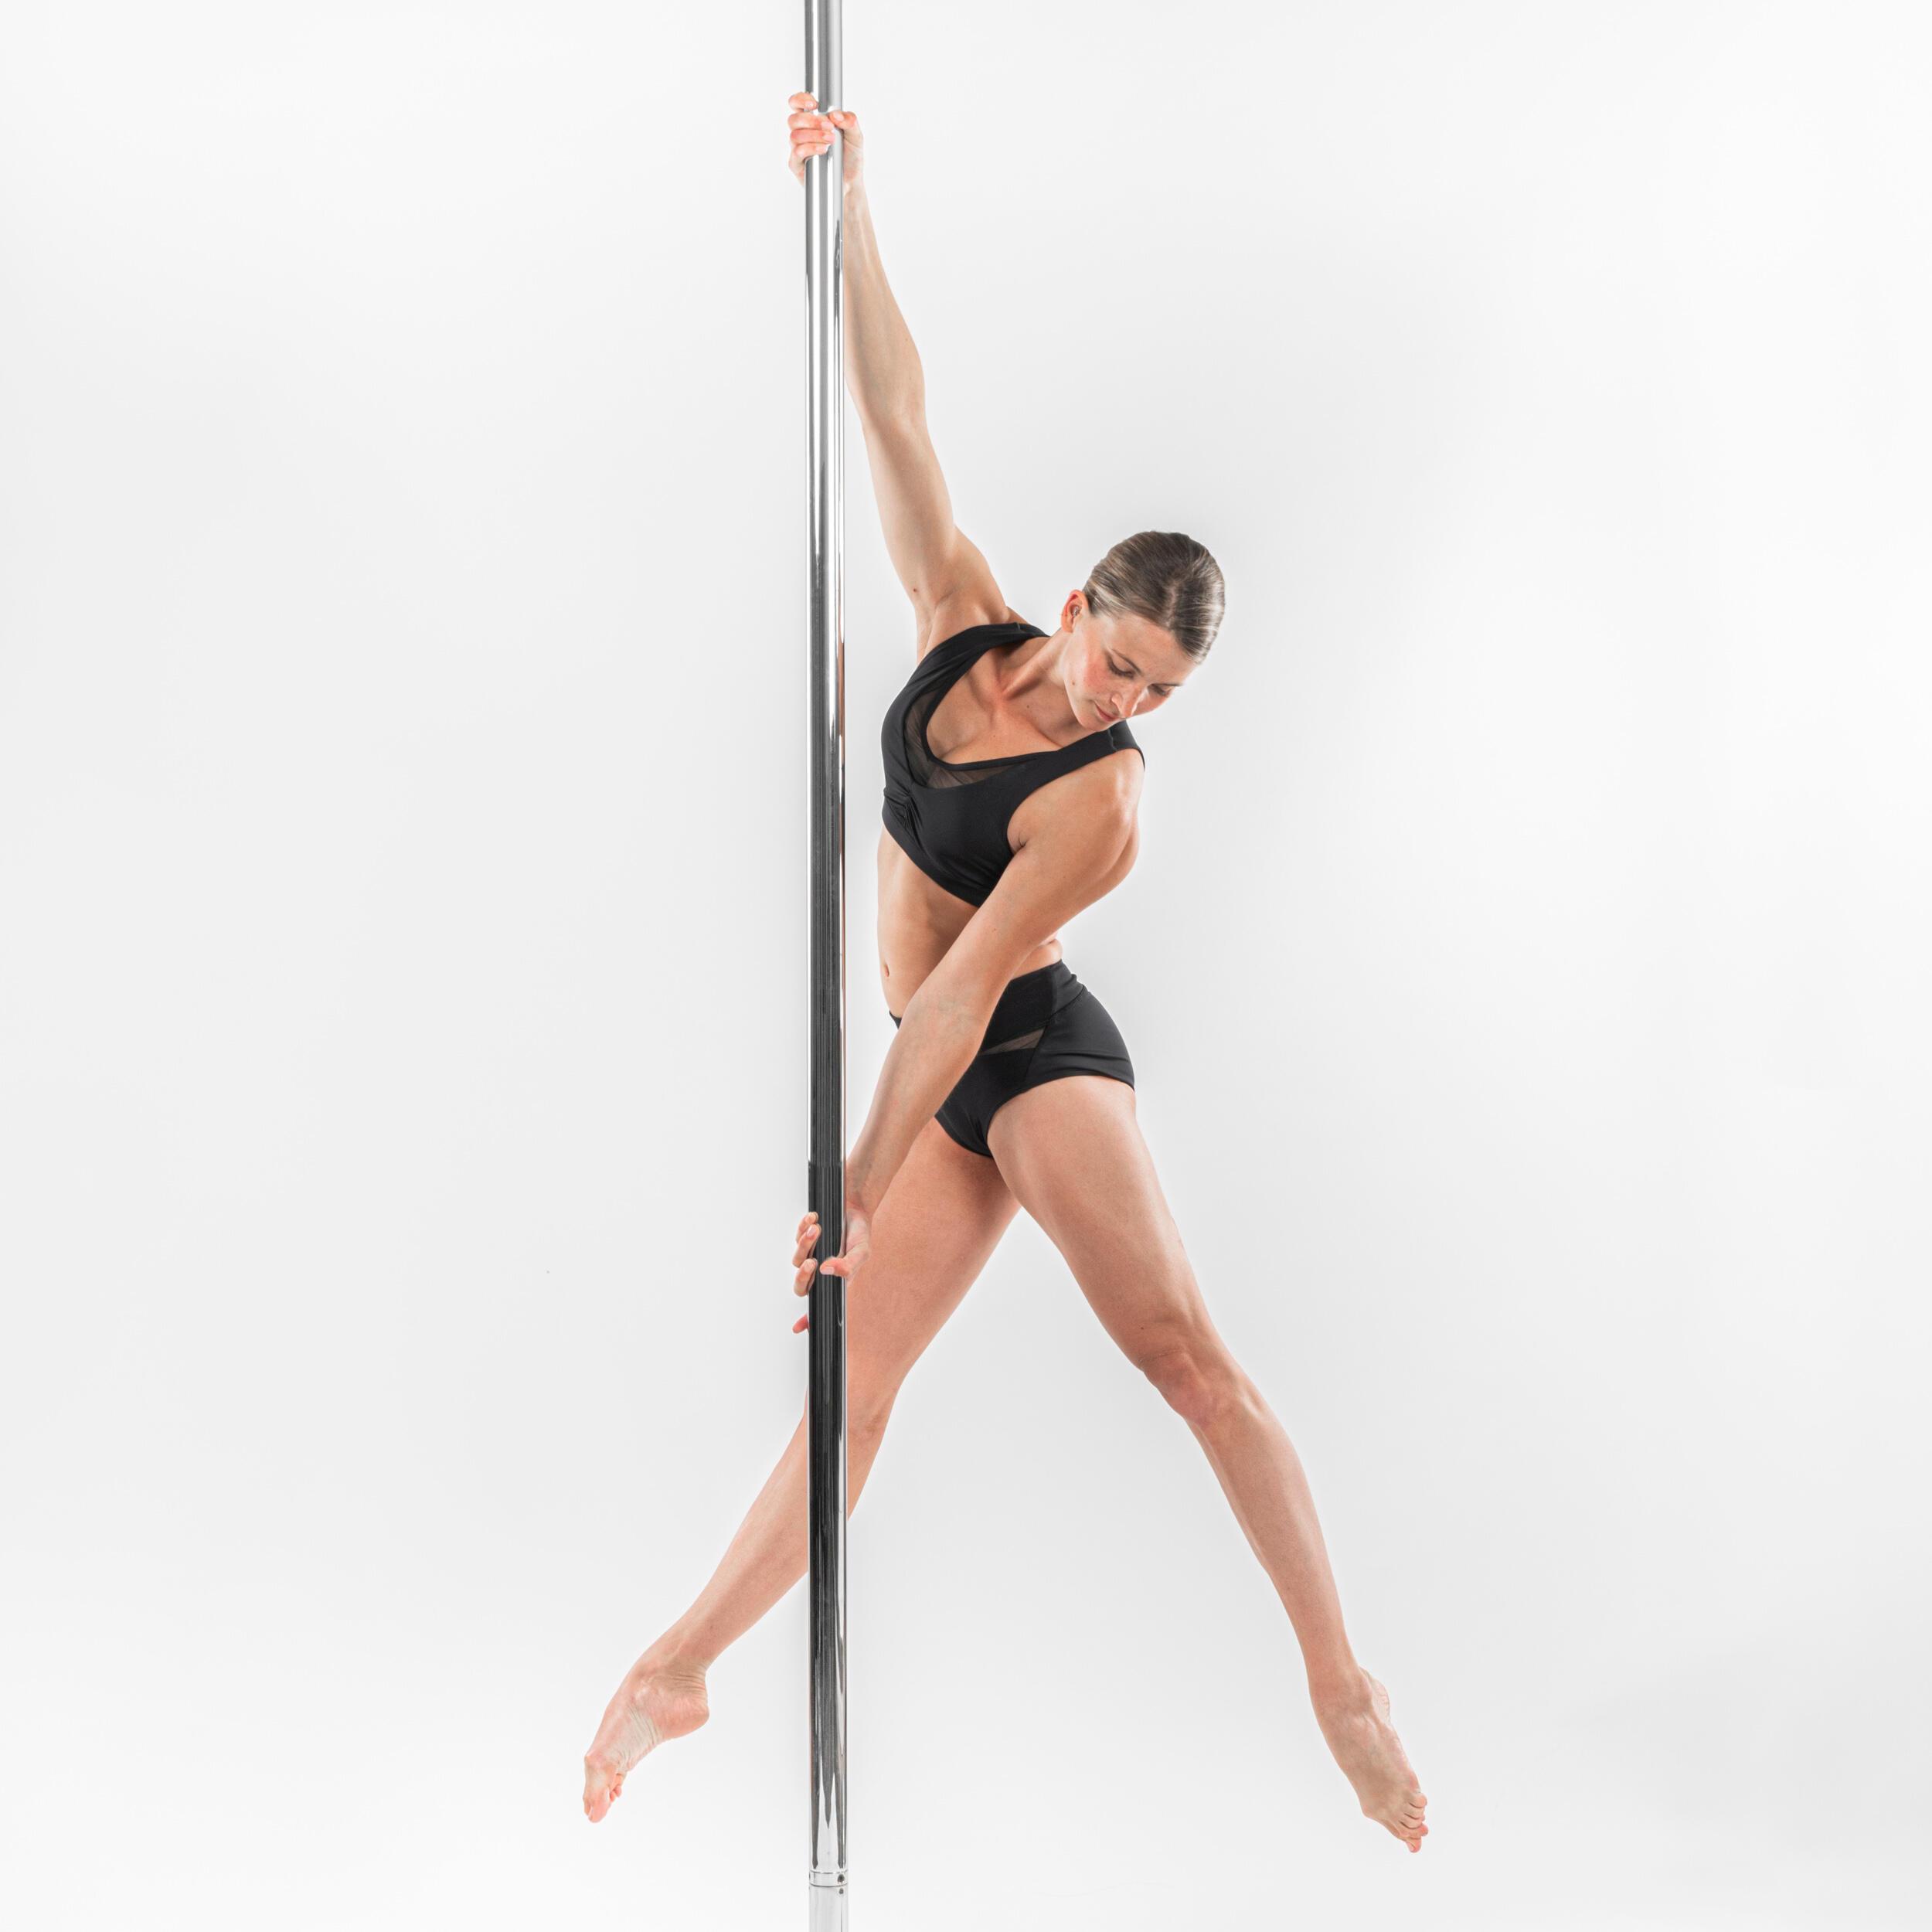 Bustieră Fitness Dans damă la Reducere poza